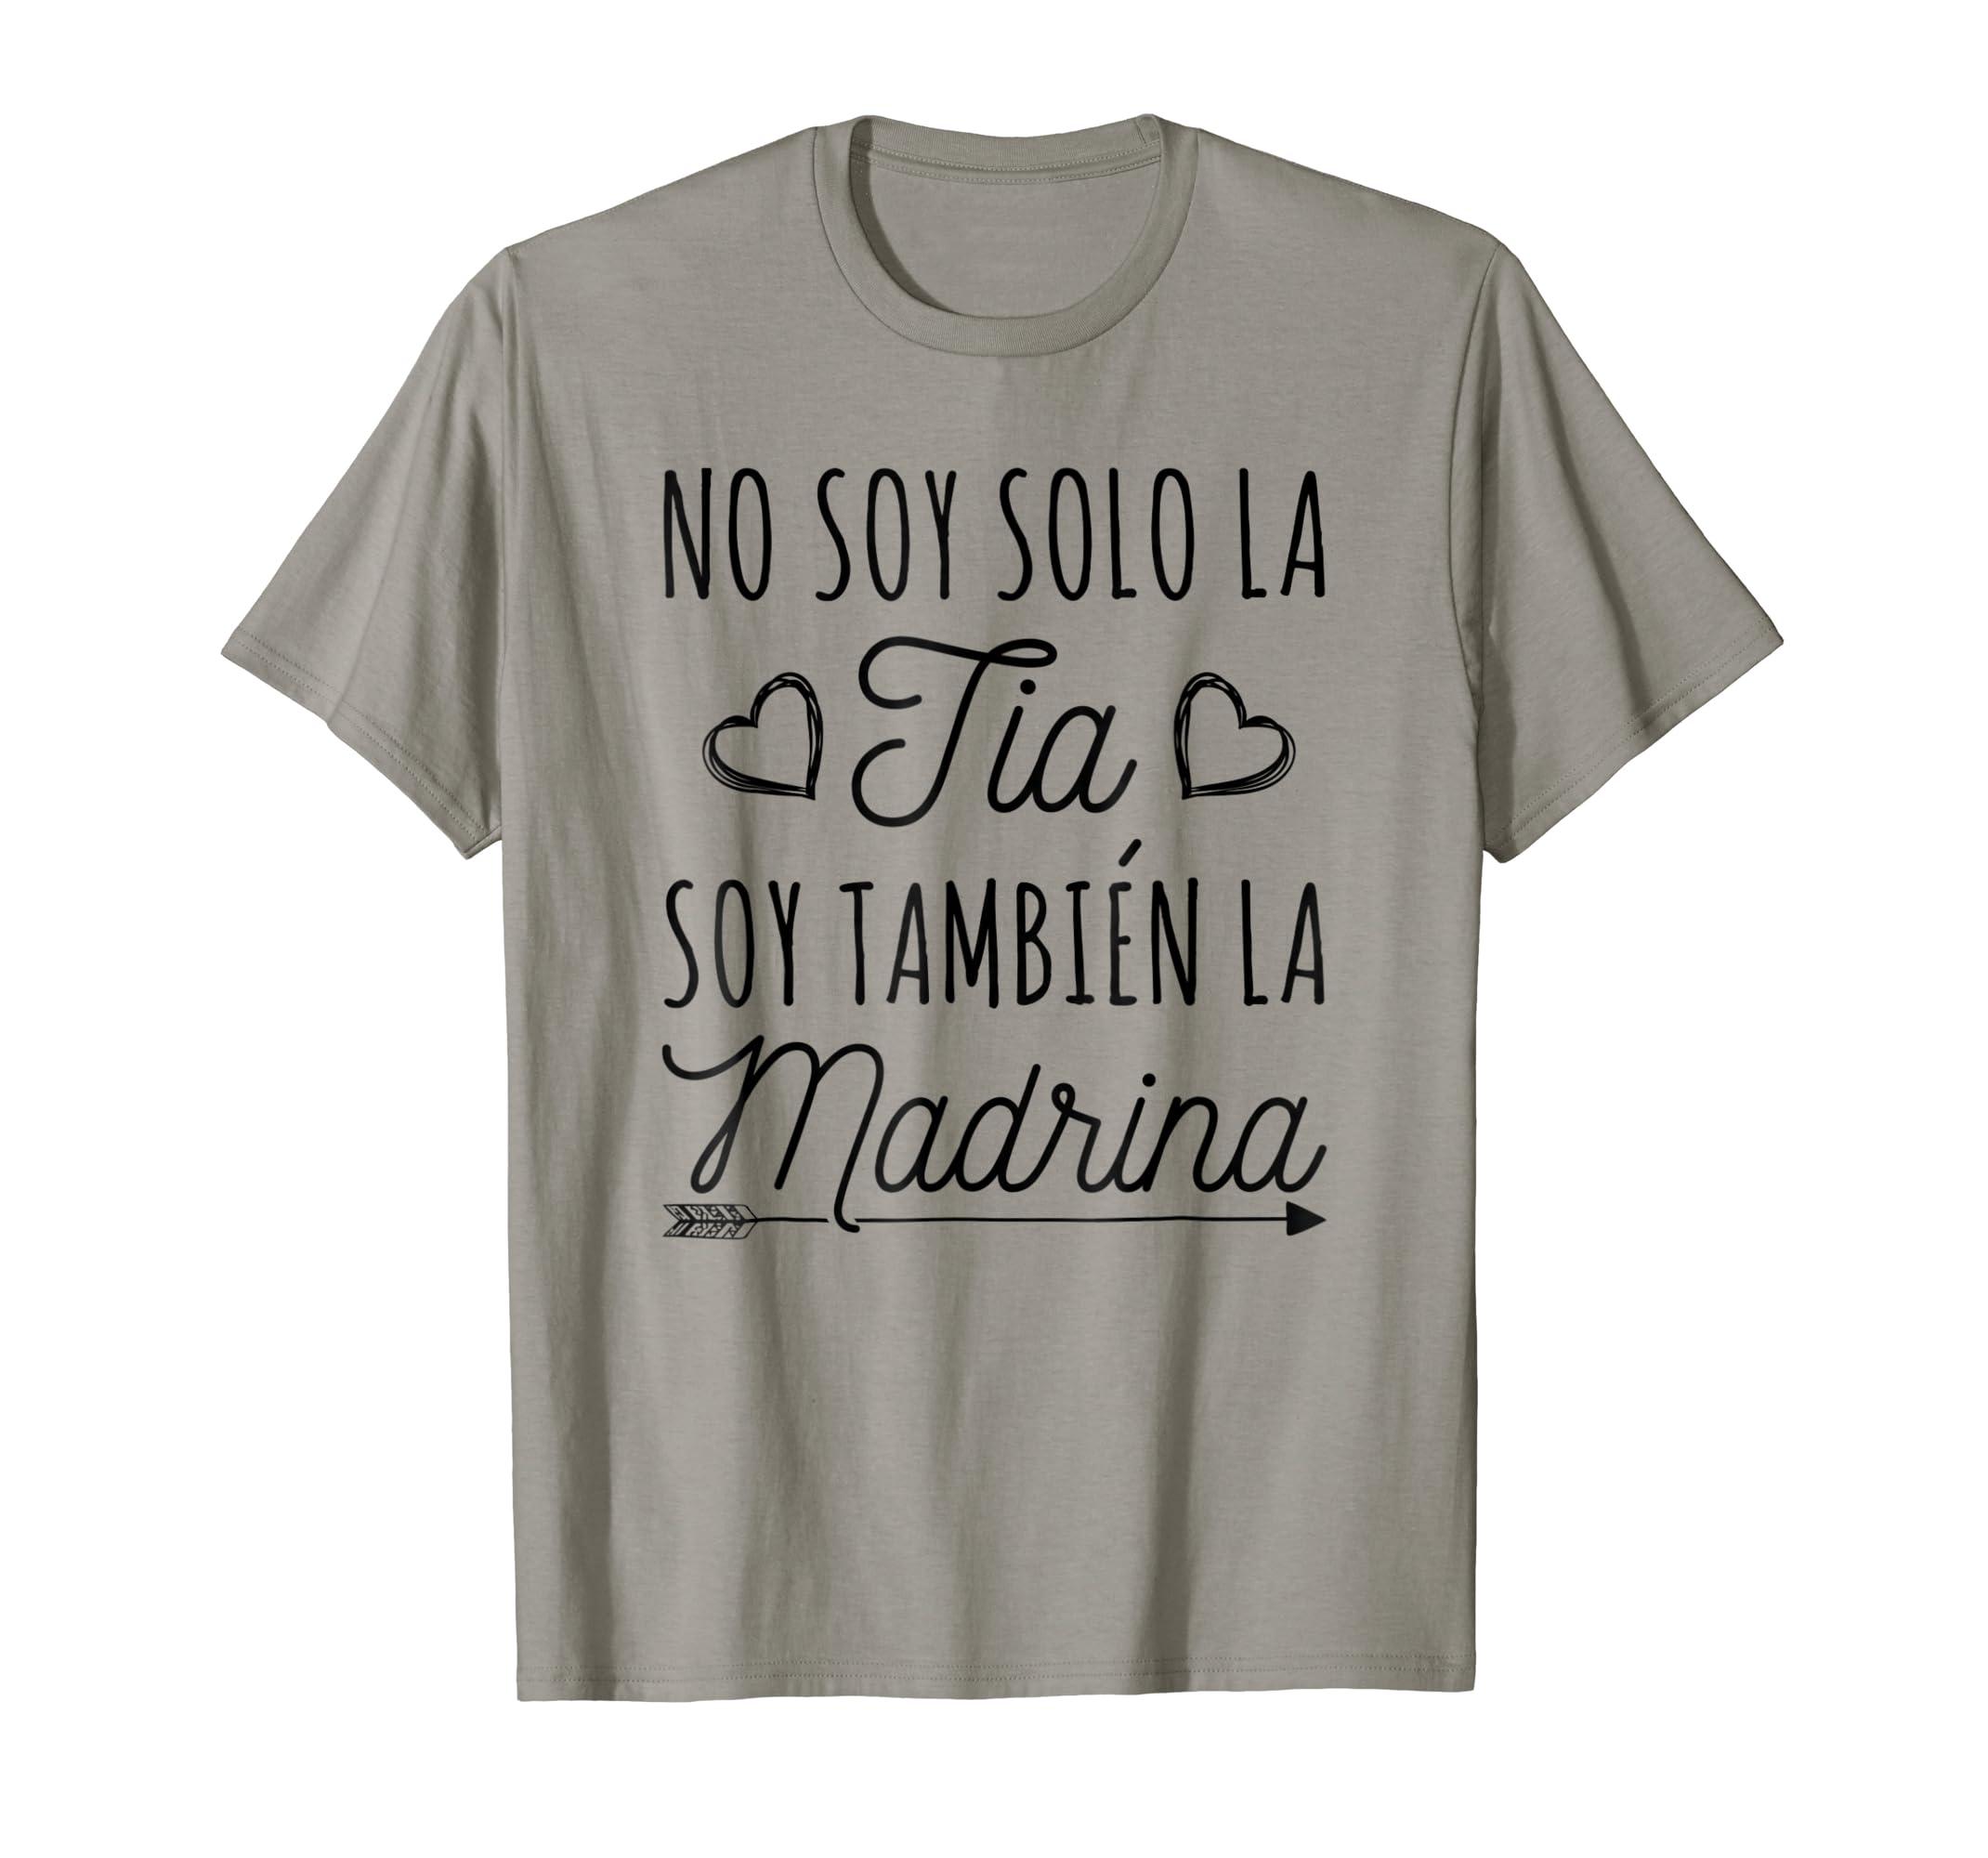 e70e3e154f572 Amazon.com: No Soy Solo La Tia Soy Tambien La Madrina Spanish T ...